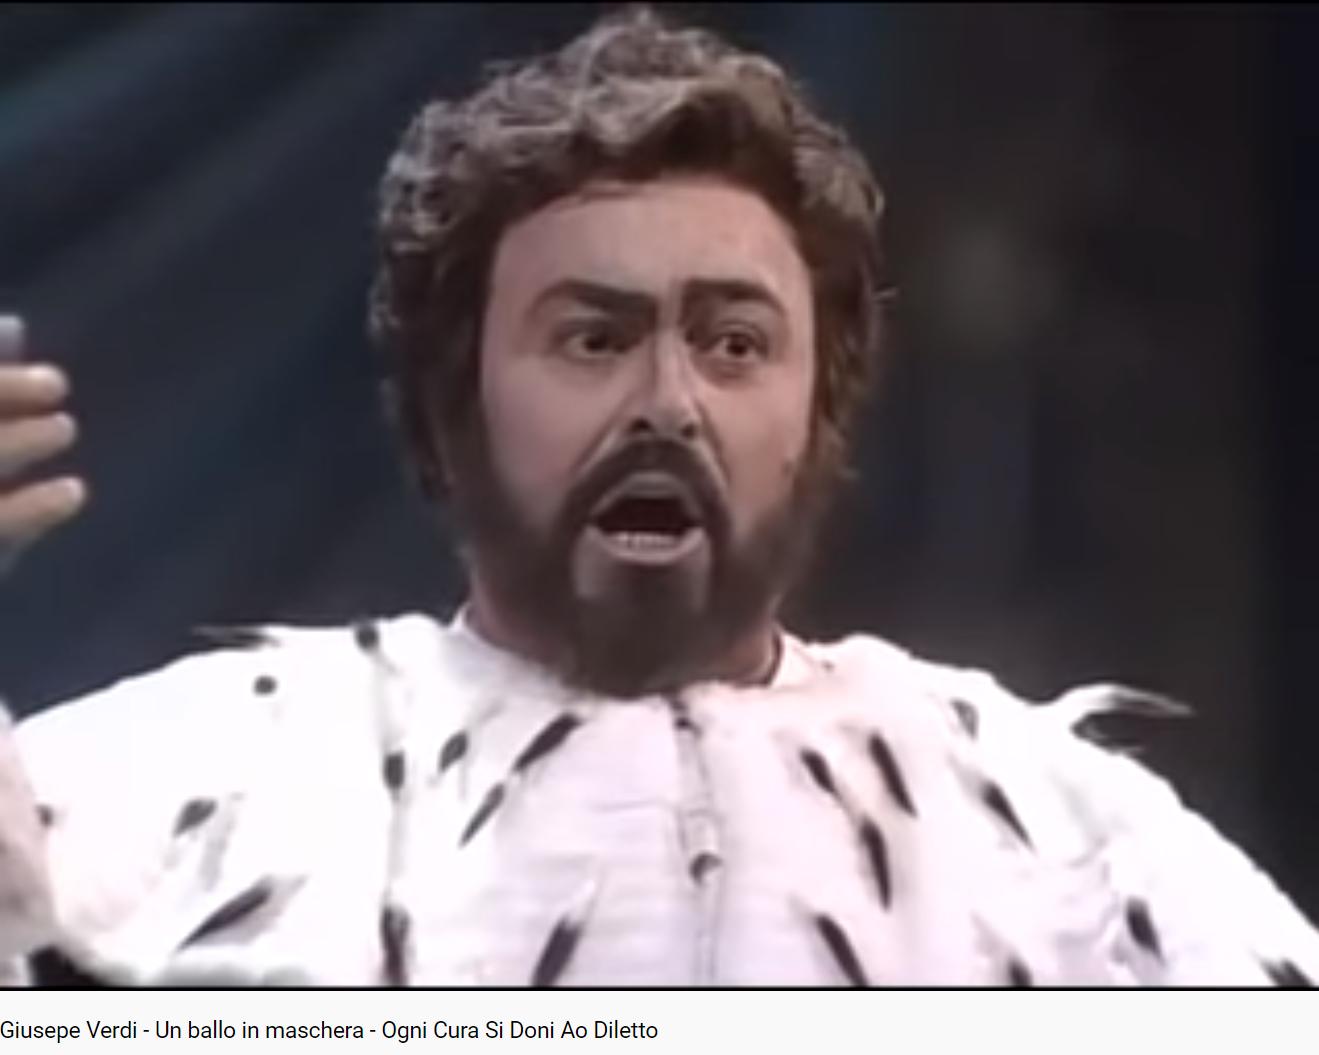 Verdi Un ballo in maschera Ogni cura si doni (MET 1991)